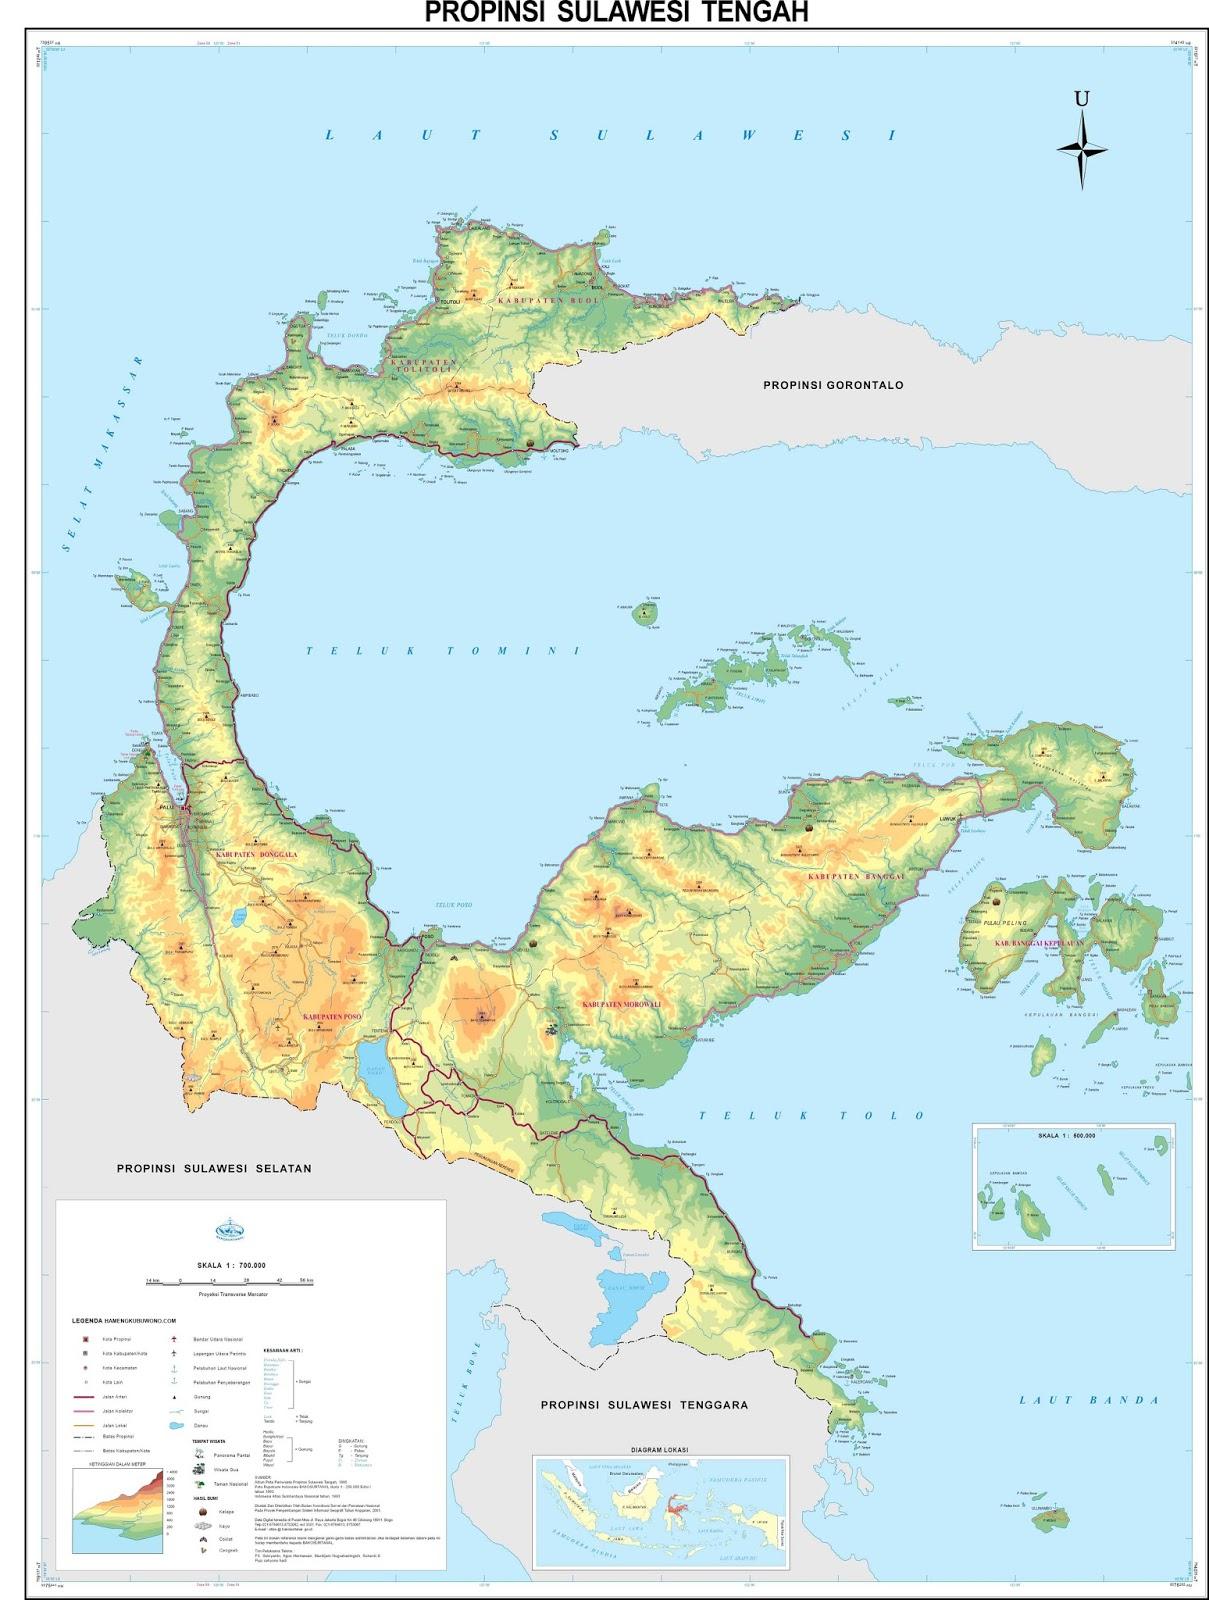 Download Peta Sulawesi Tengah